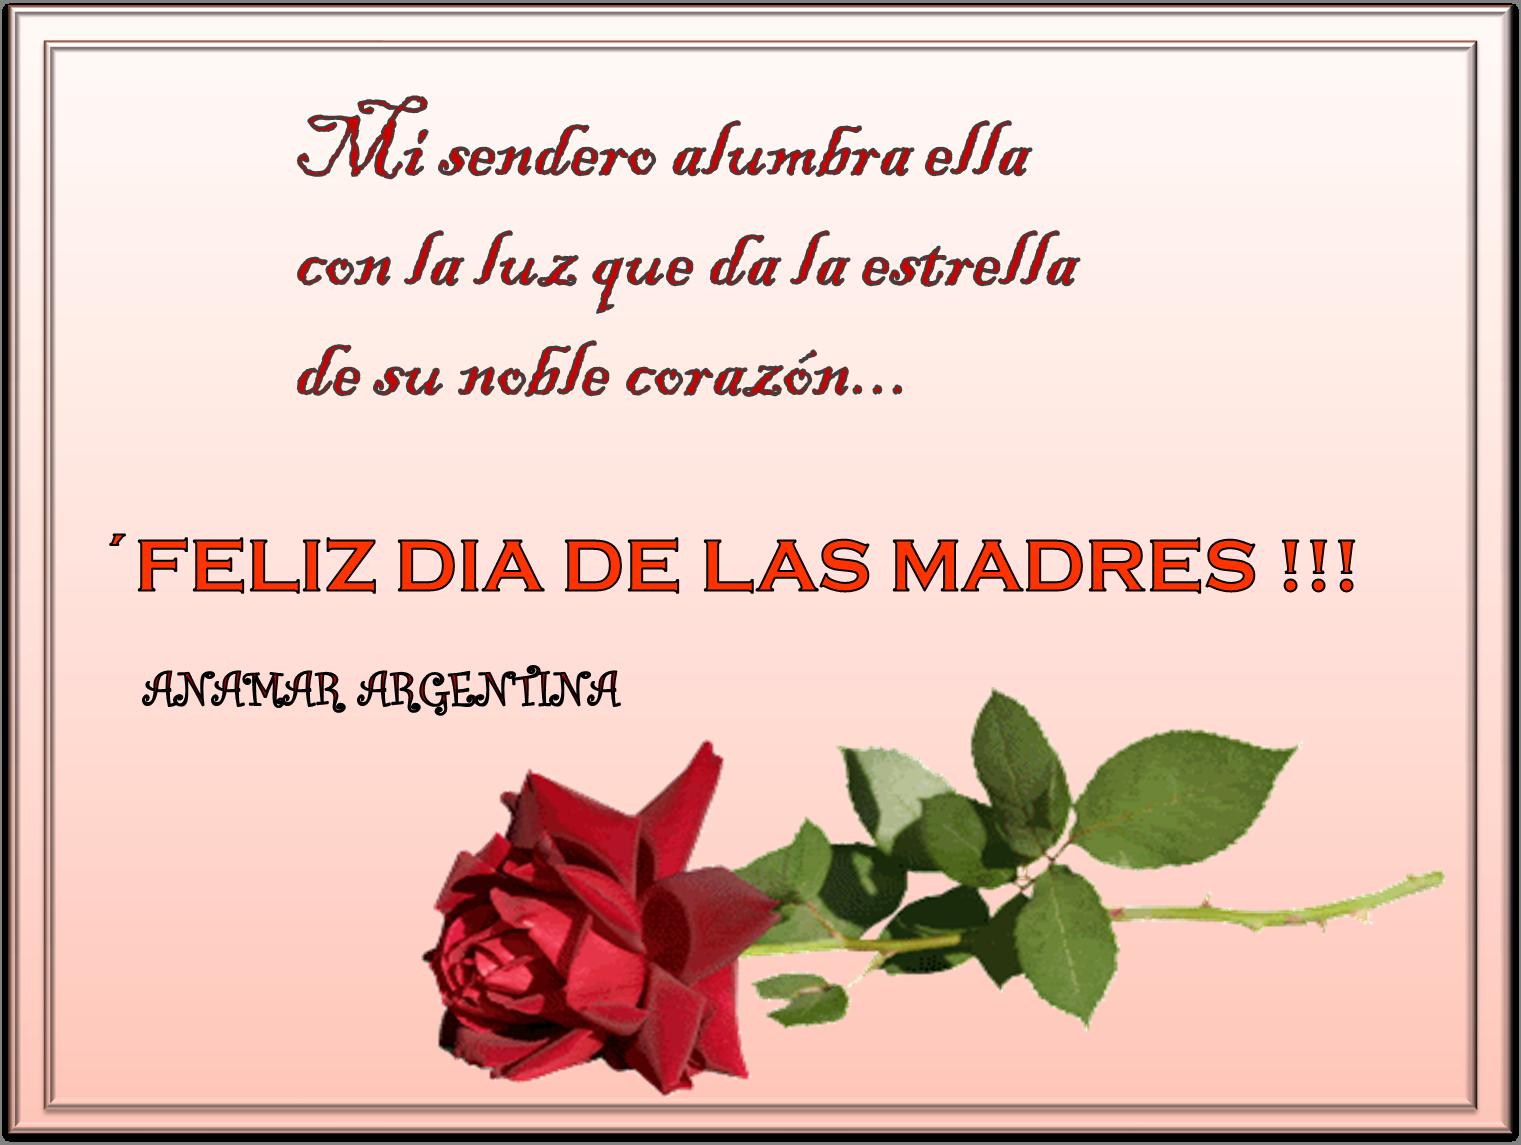 imagenes del dia de las madres35 Imágenes del día de las Madres